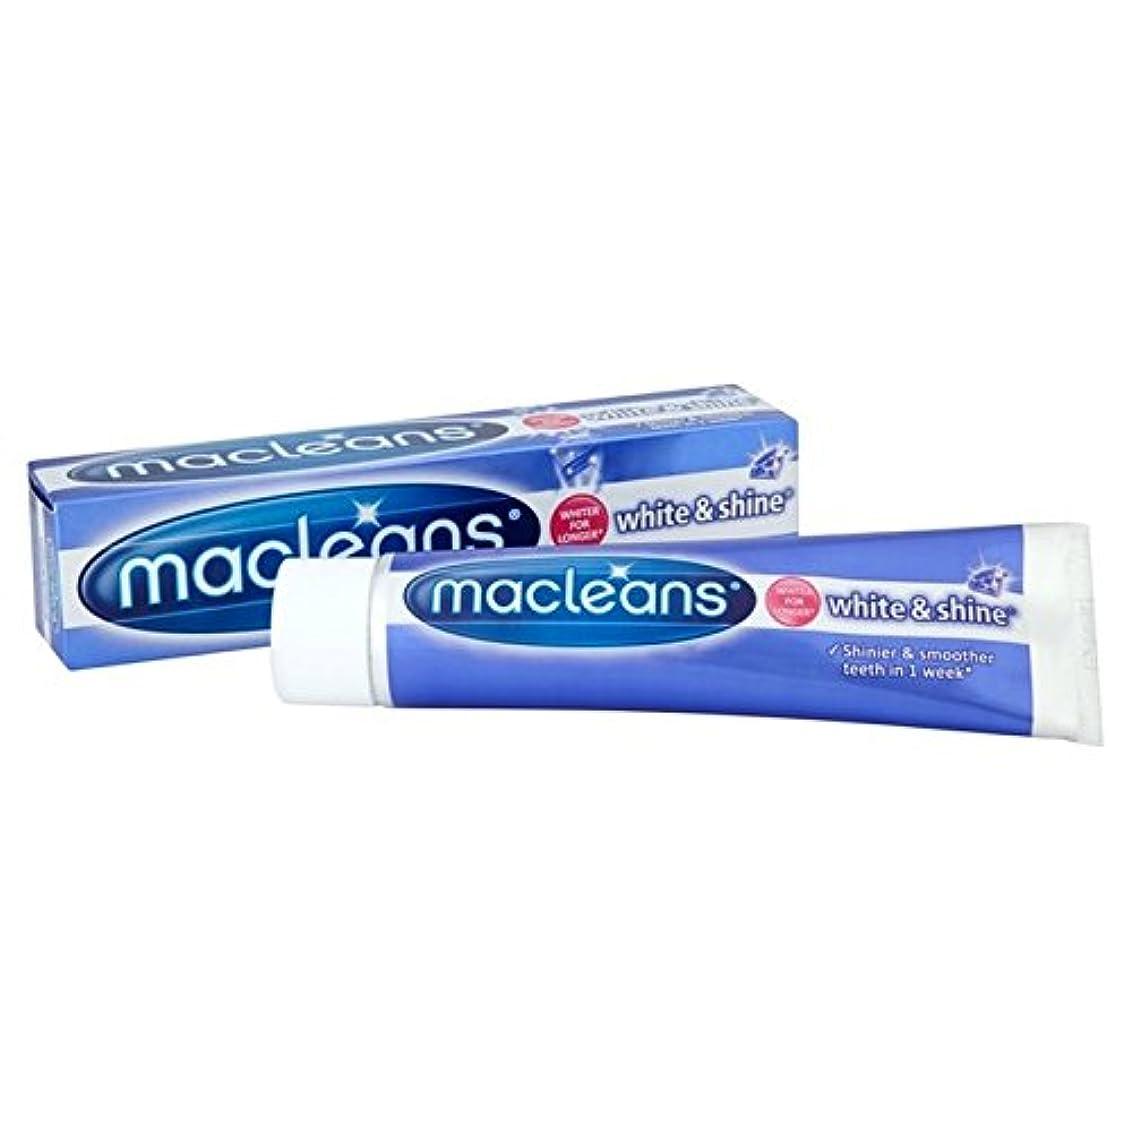 船形コーン等価''歯磨き粉の100ミリリットル x2 - Macleans White'n'shine Toothpaste 100ml (Pack of 2) [並行輸入品]